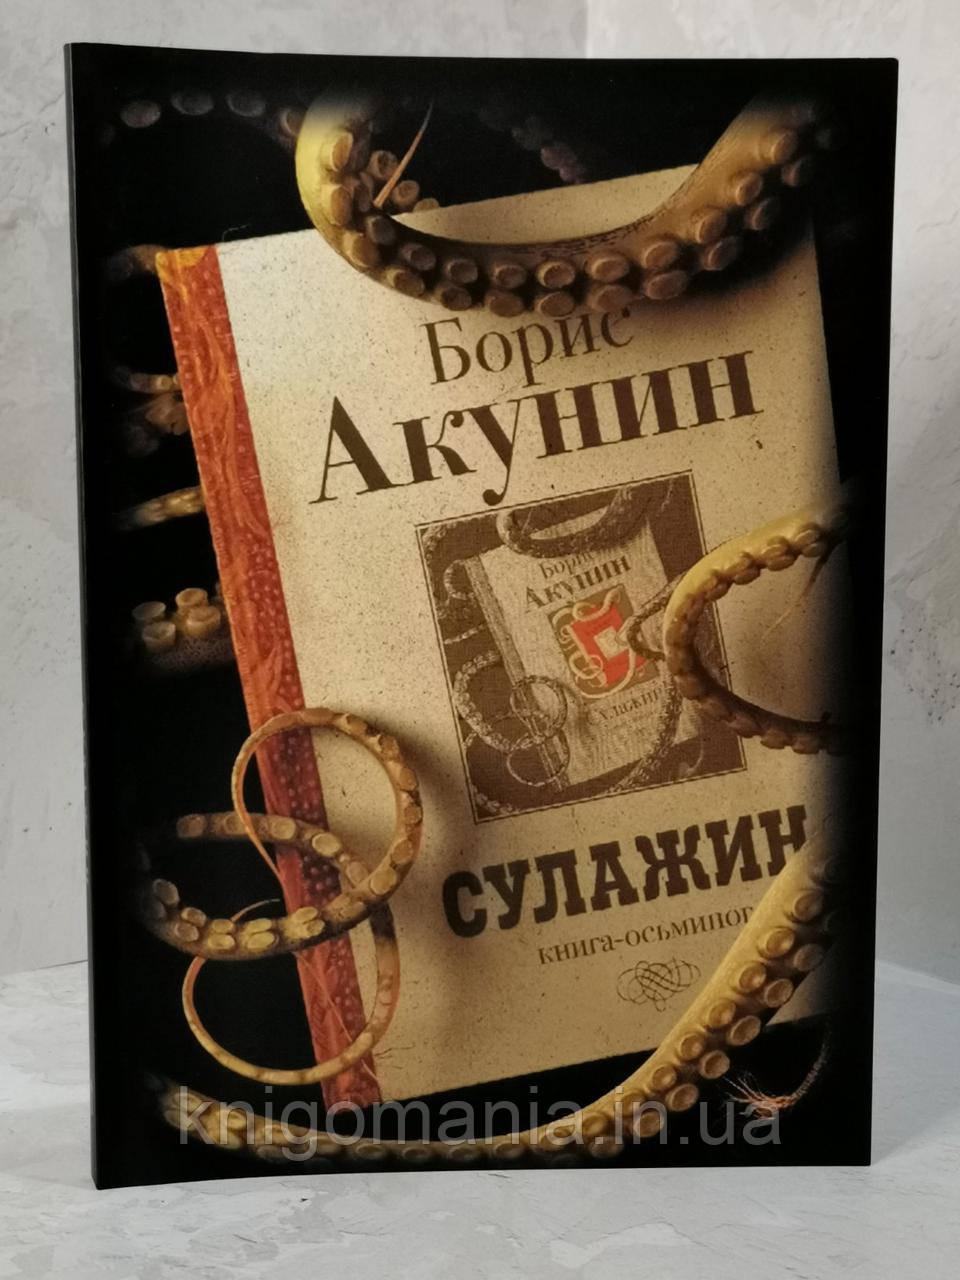 """Книга """"Сулажин:книга осьминог"""" Борис Акунин"""